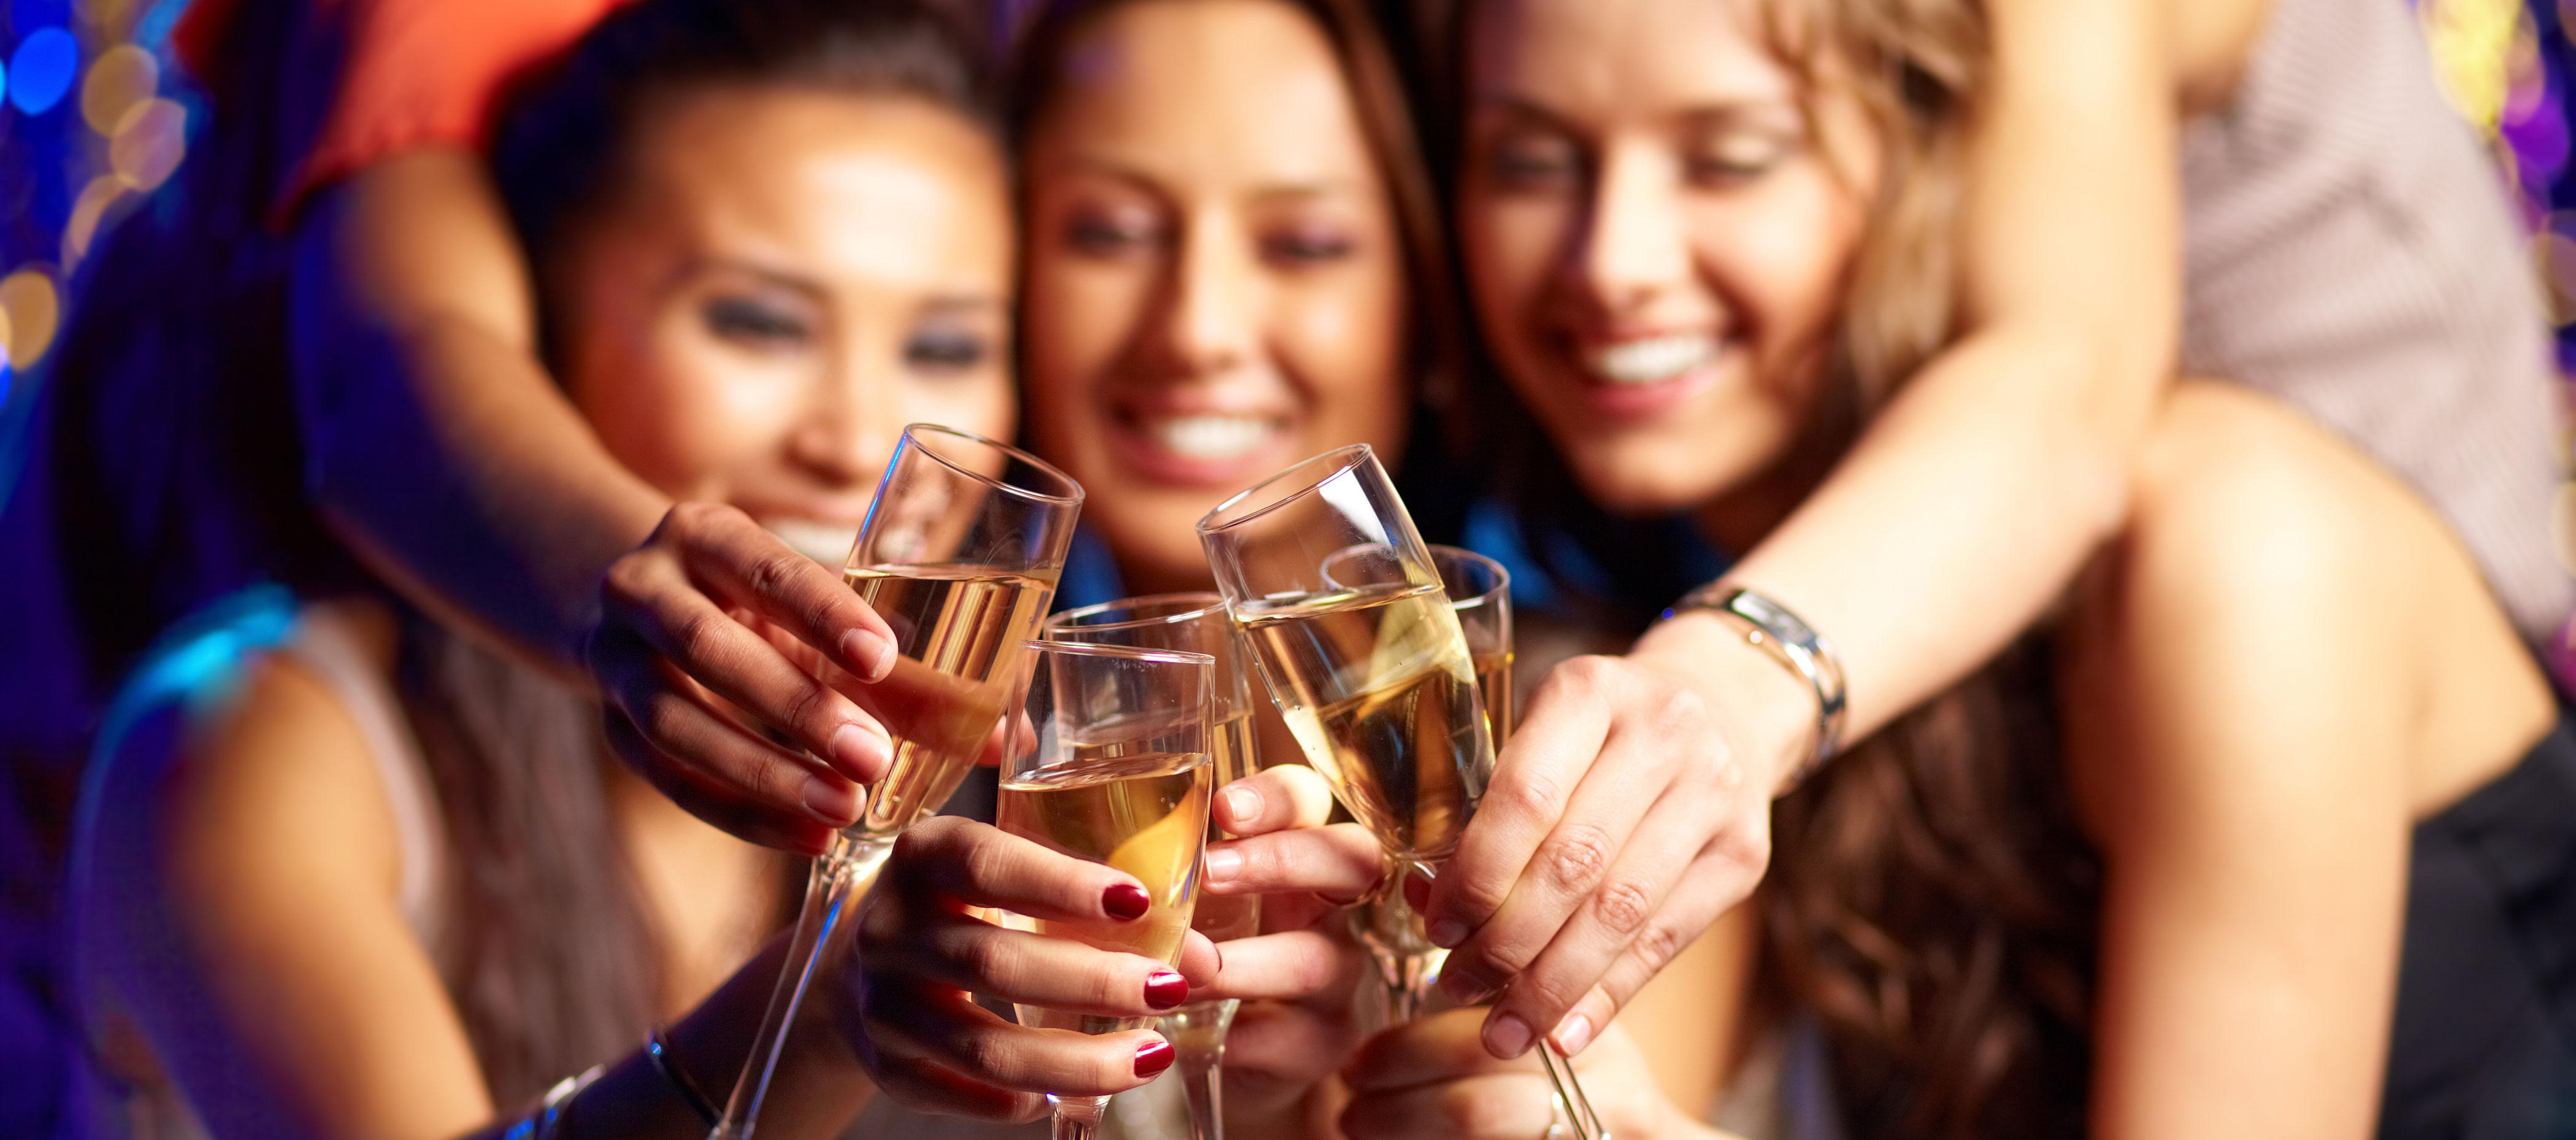 Kaif family babes drinking party xxx